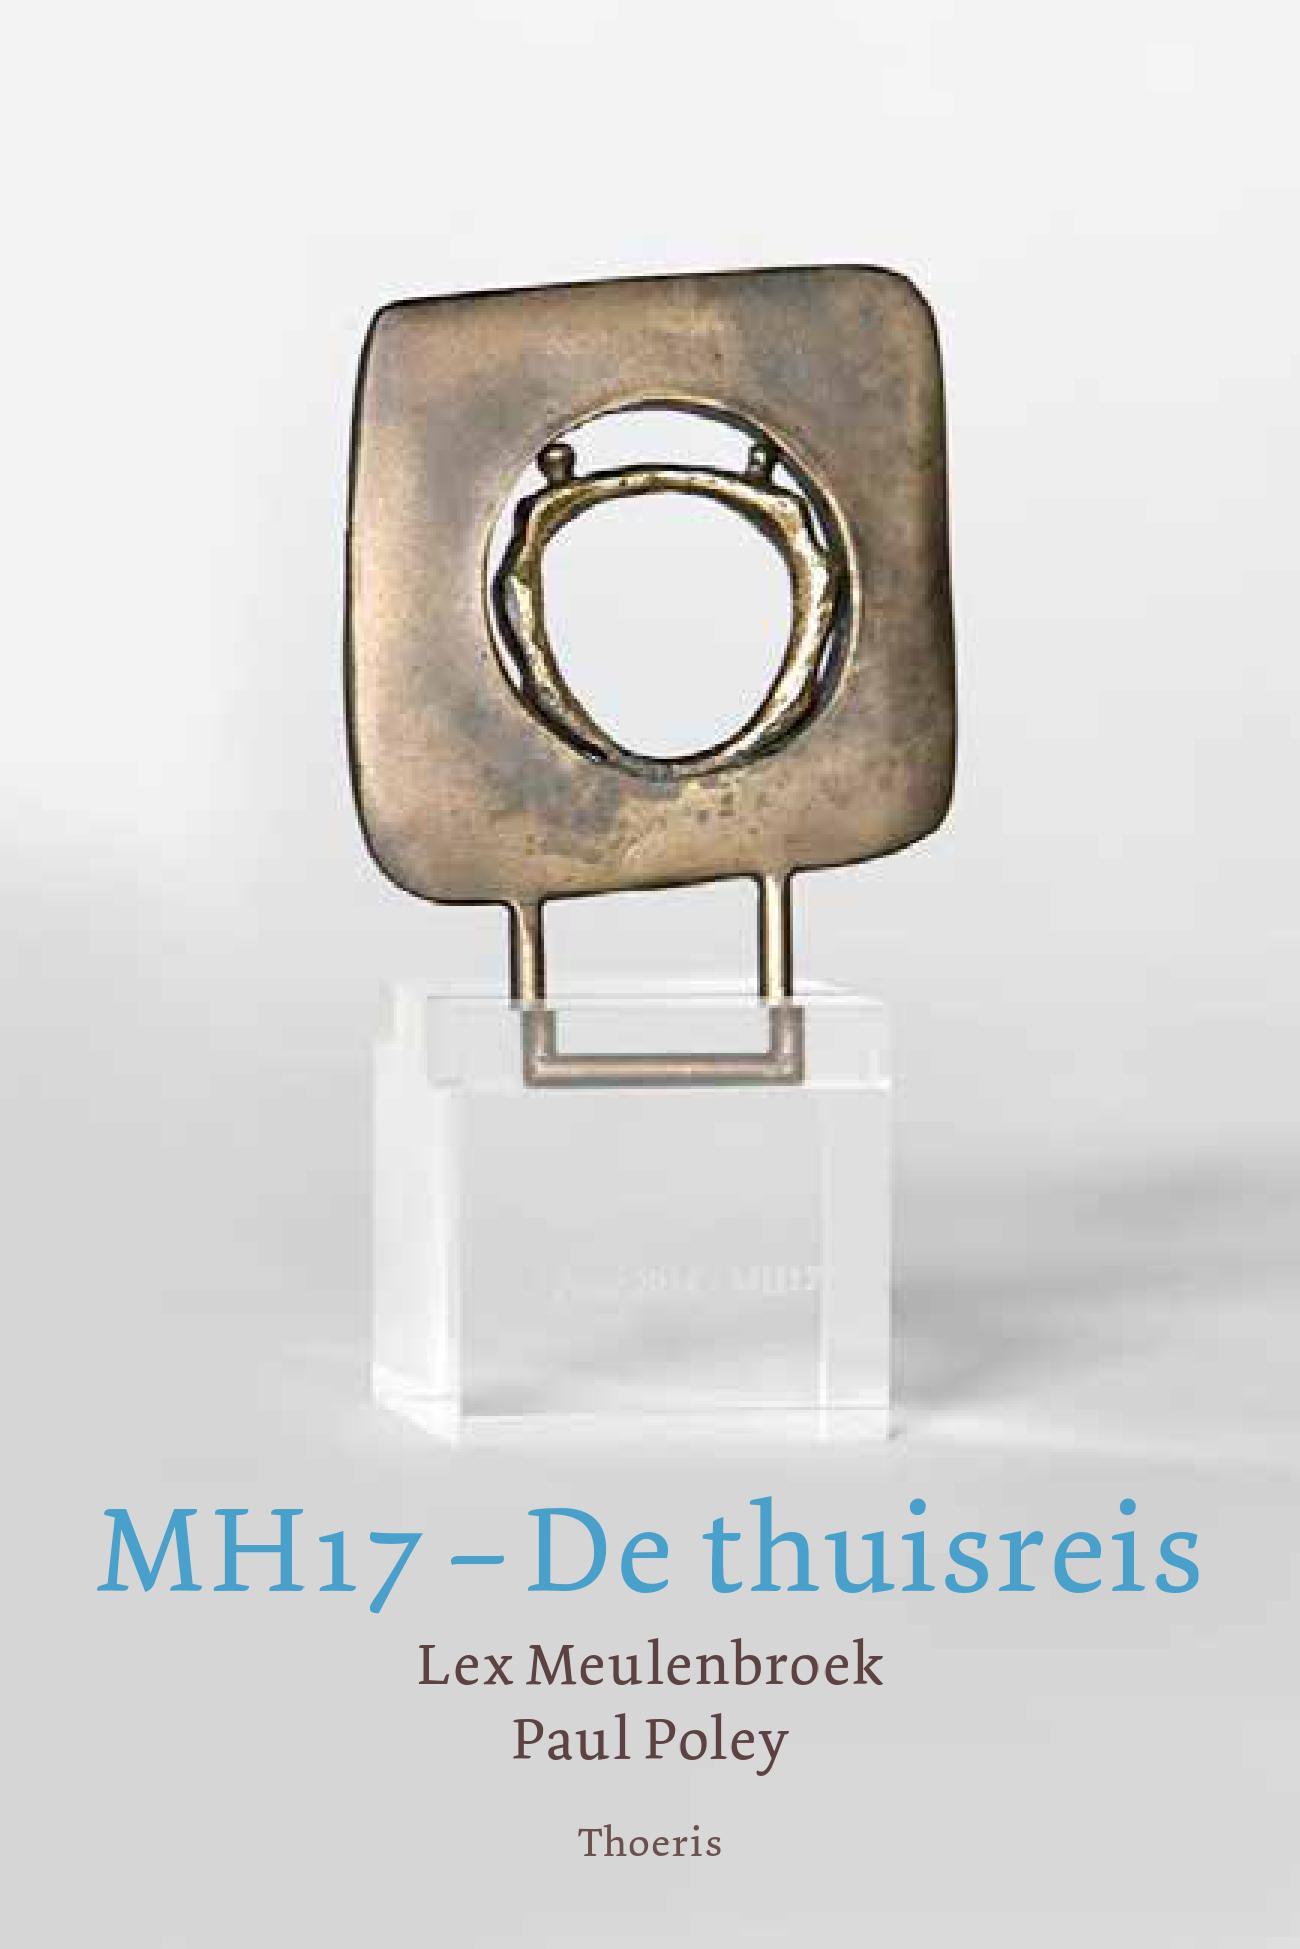 MH17 – De thuisreis